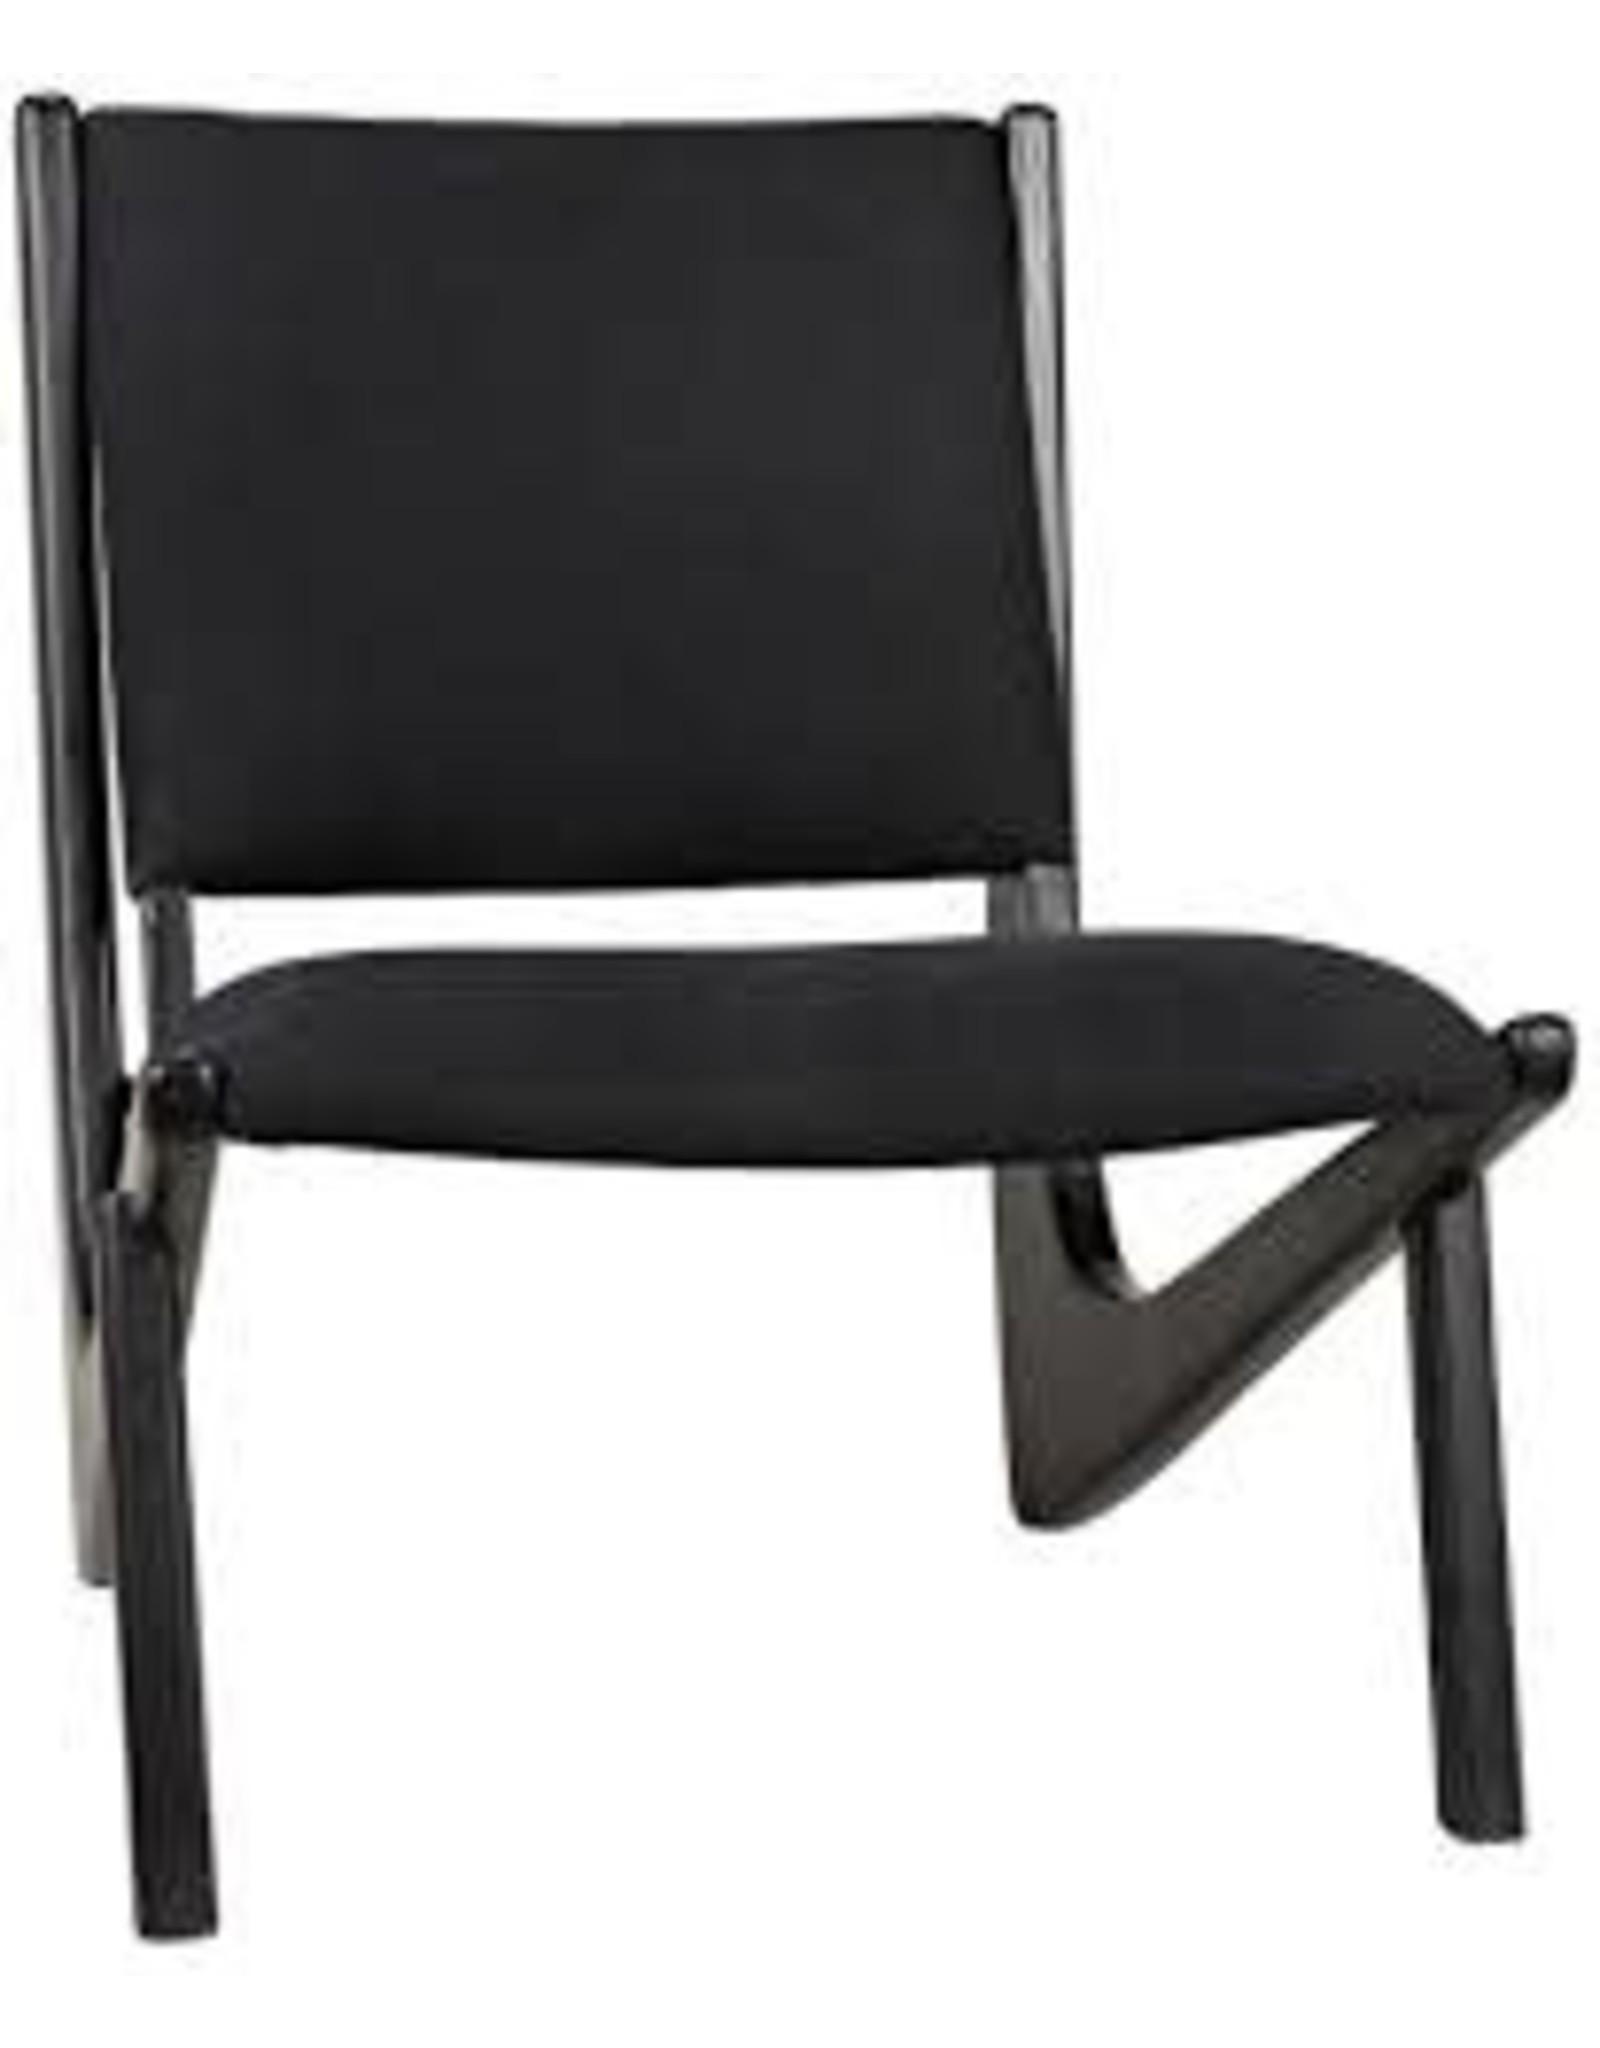 Website Noir Boomerang Chair